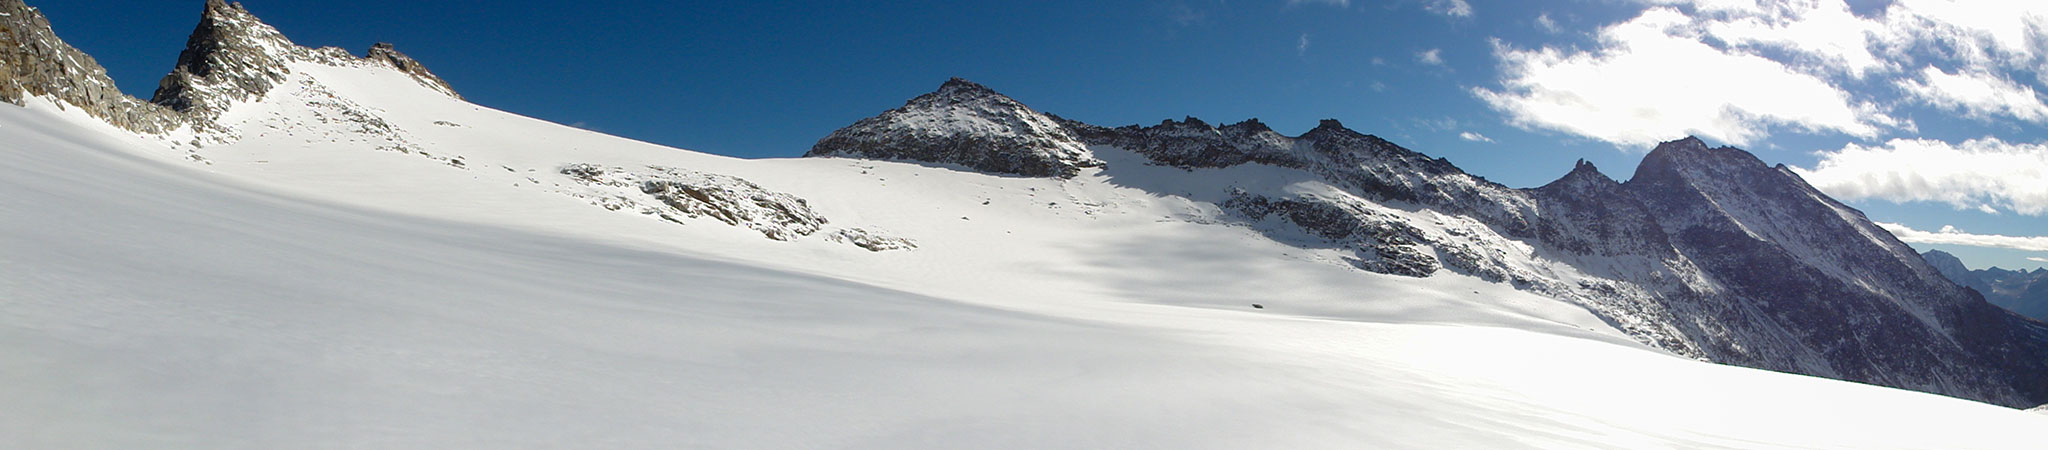 Arnoweg: Panorama des kleinen Fleißkees unter dem Hohen Sonnblick und Goldbergspitze